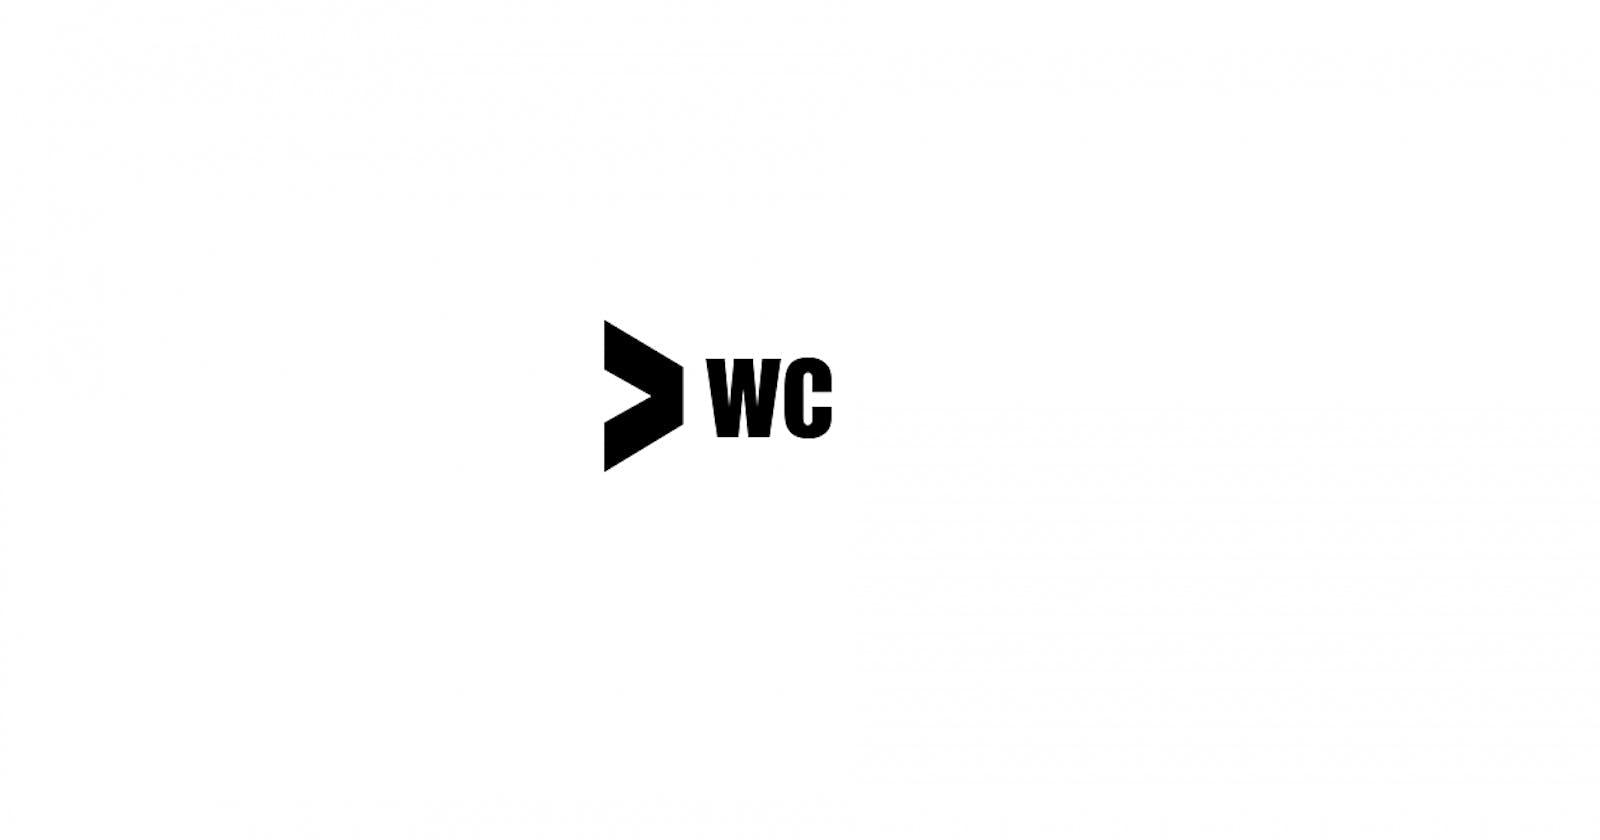 Linux Commands: wc